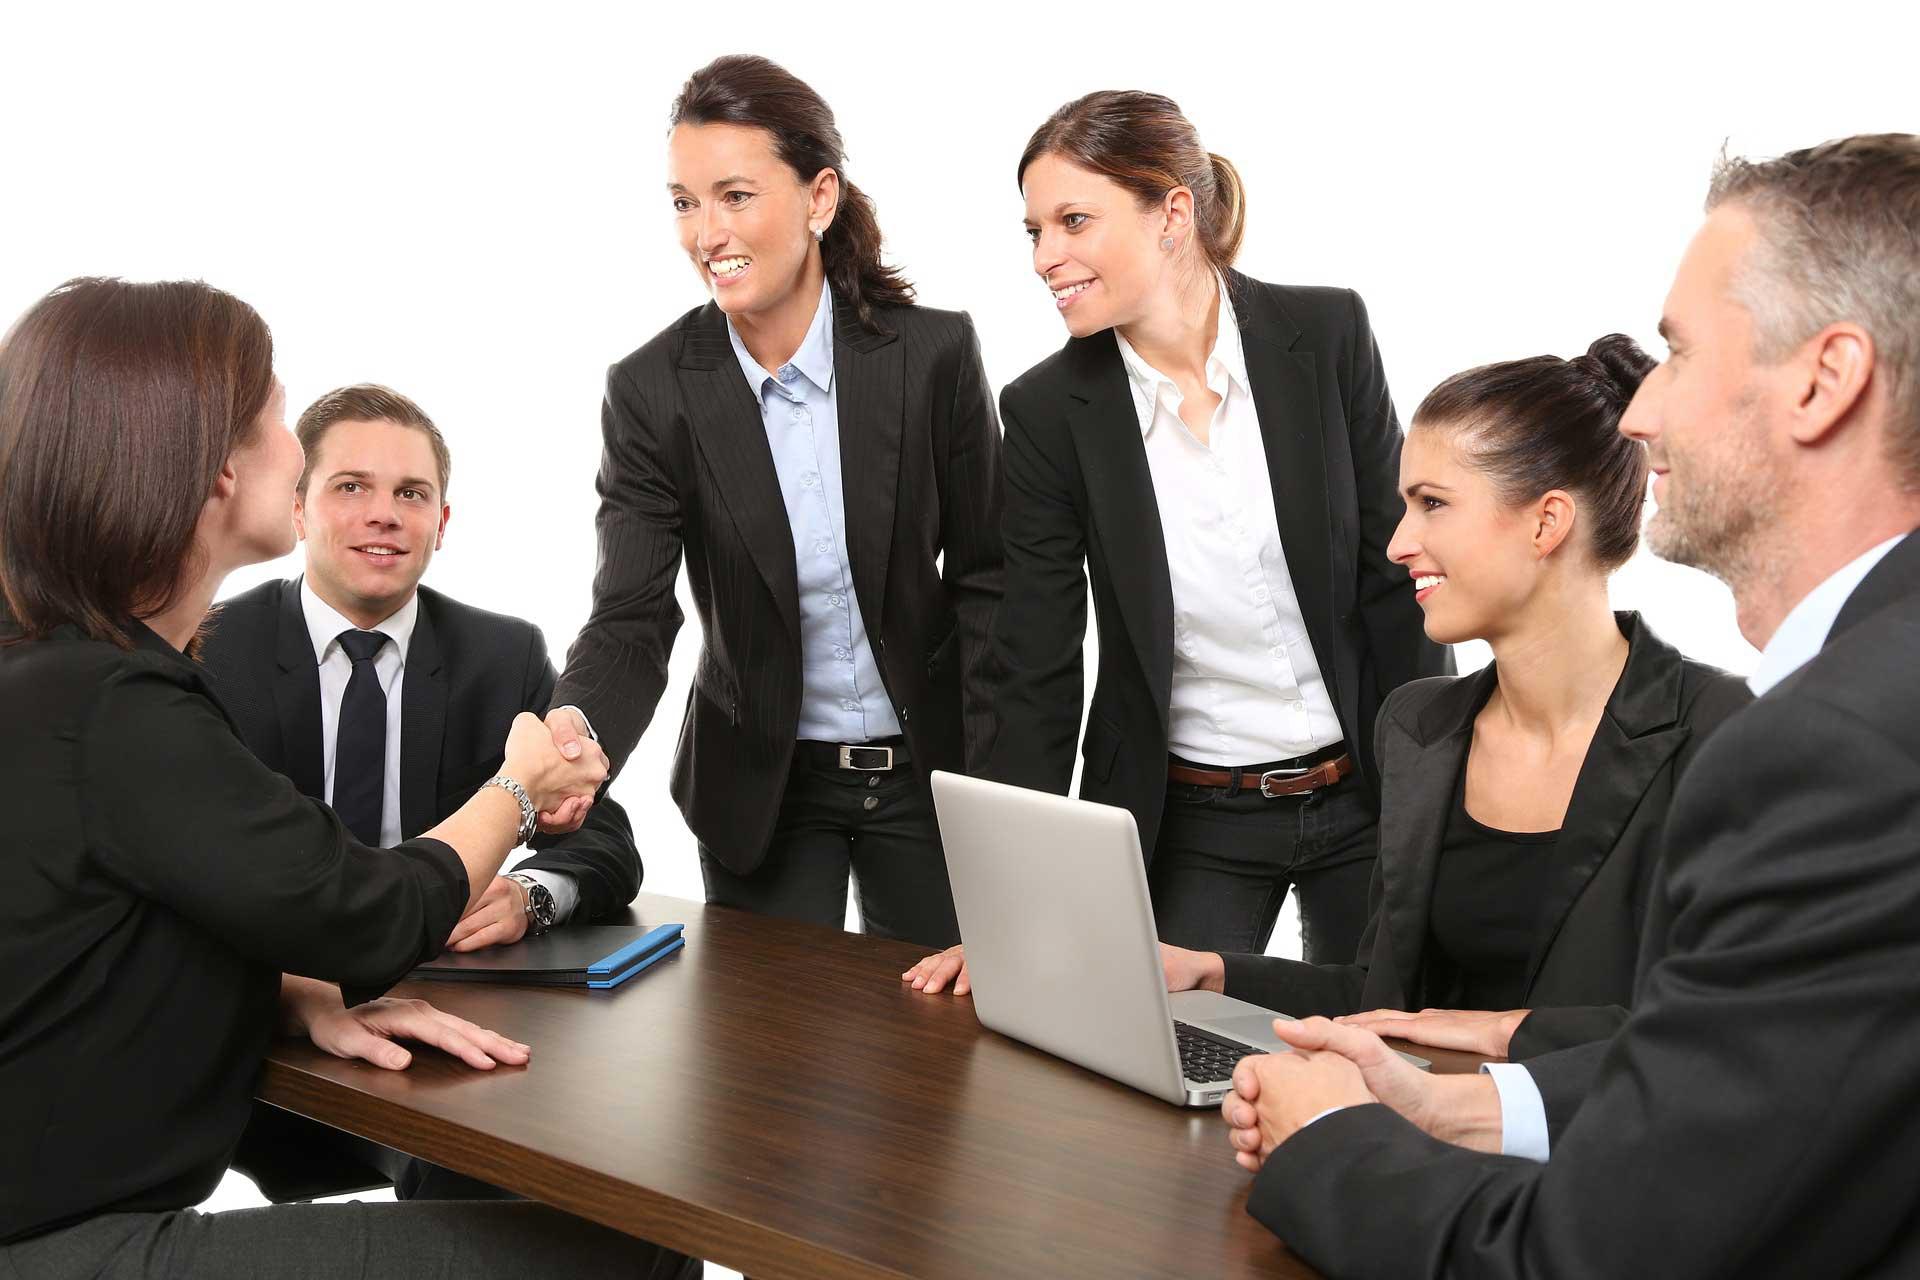 men-employees-suit-work-greeting-1979261